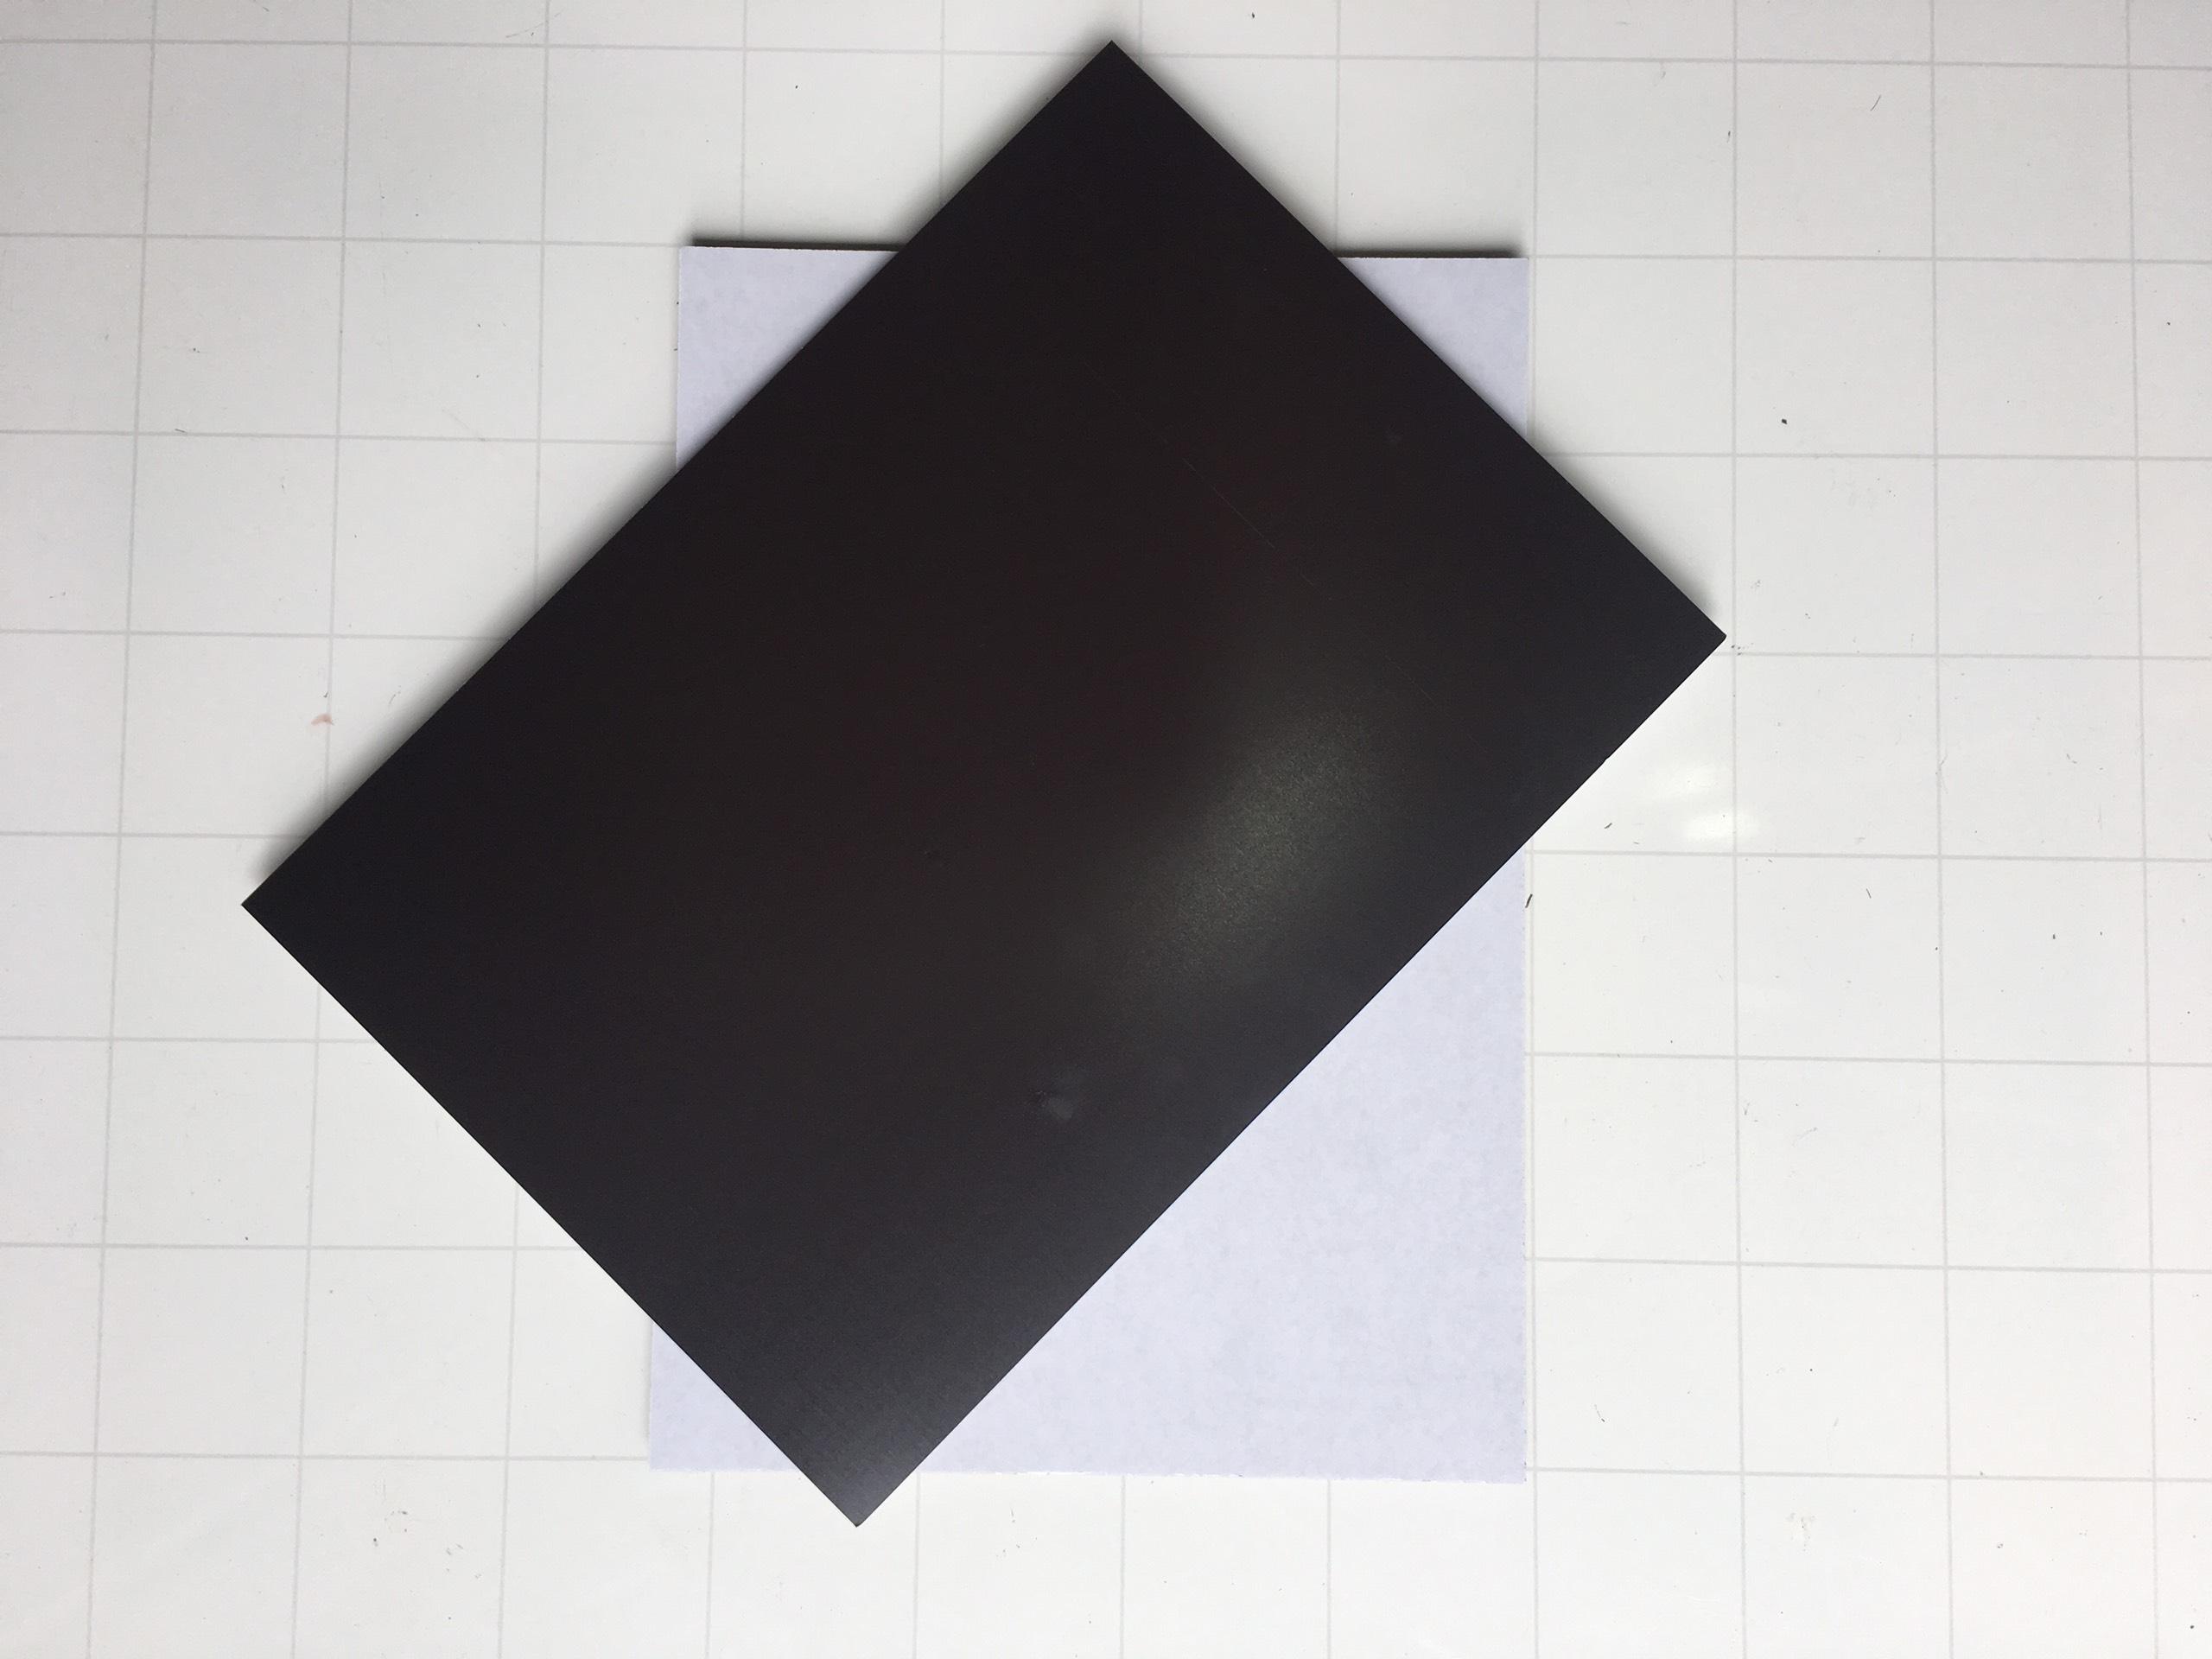 5 Tấm A4 nam châm dẻo có phủ lớp băng keo hai mặt độ dày 0.75mm